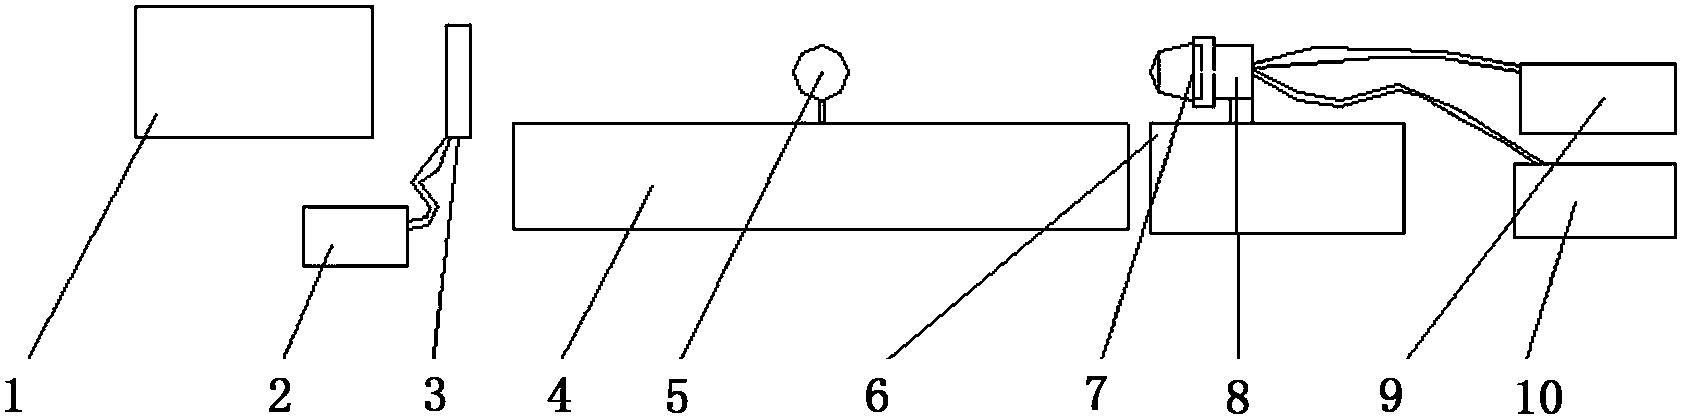 一种线列成像位标器焦面调试设备及调试方法